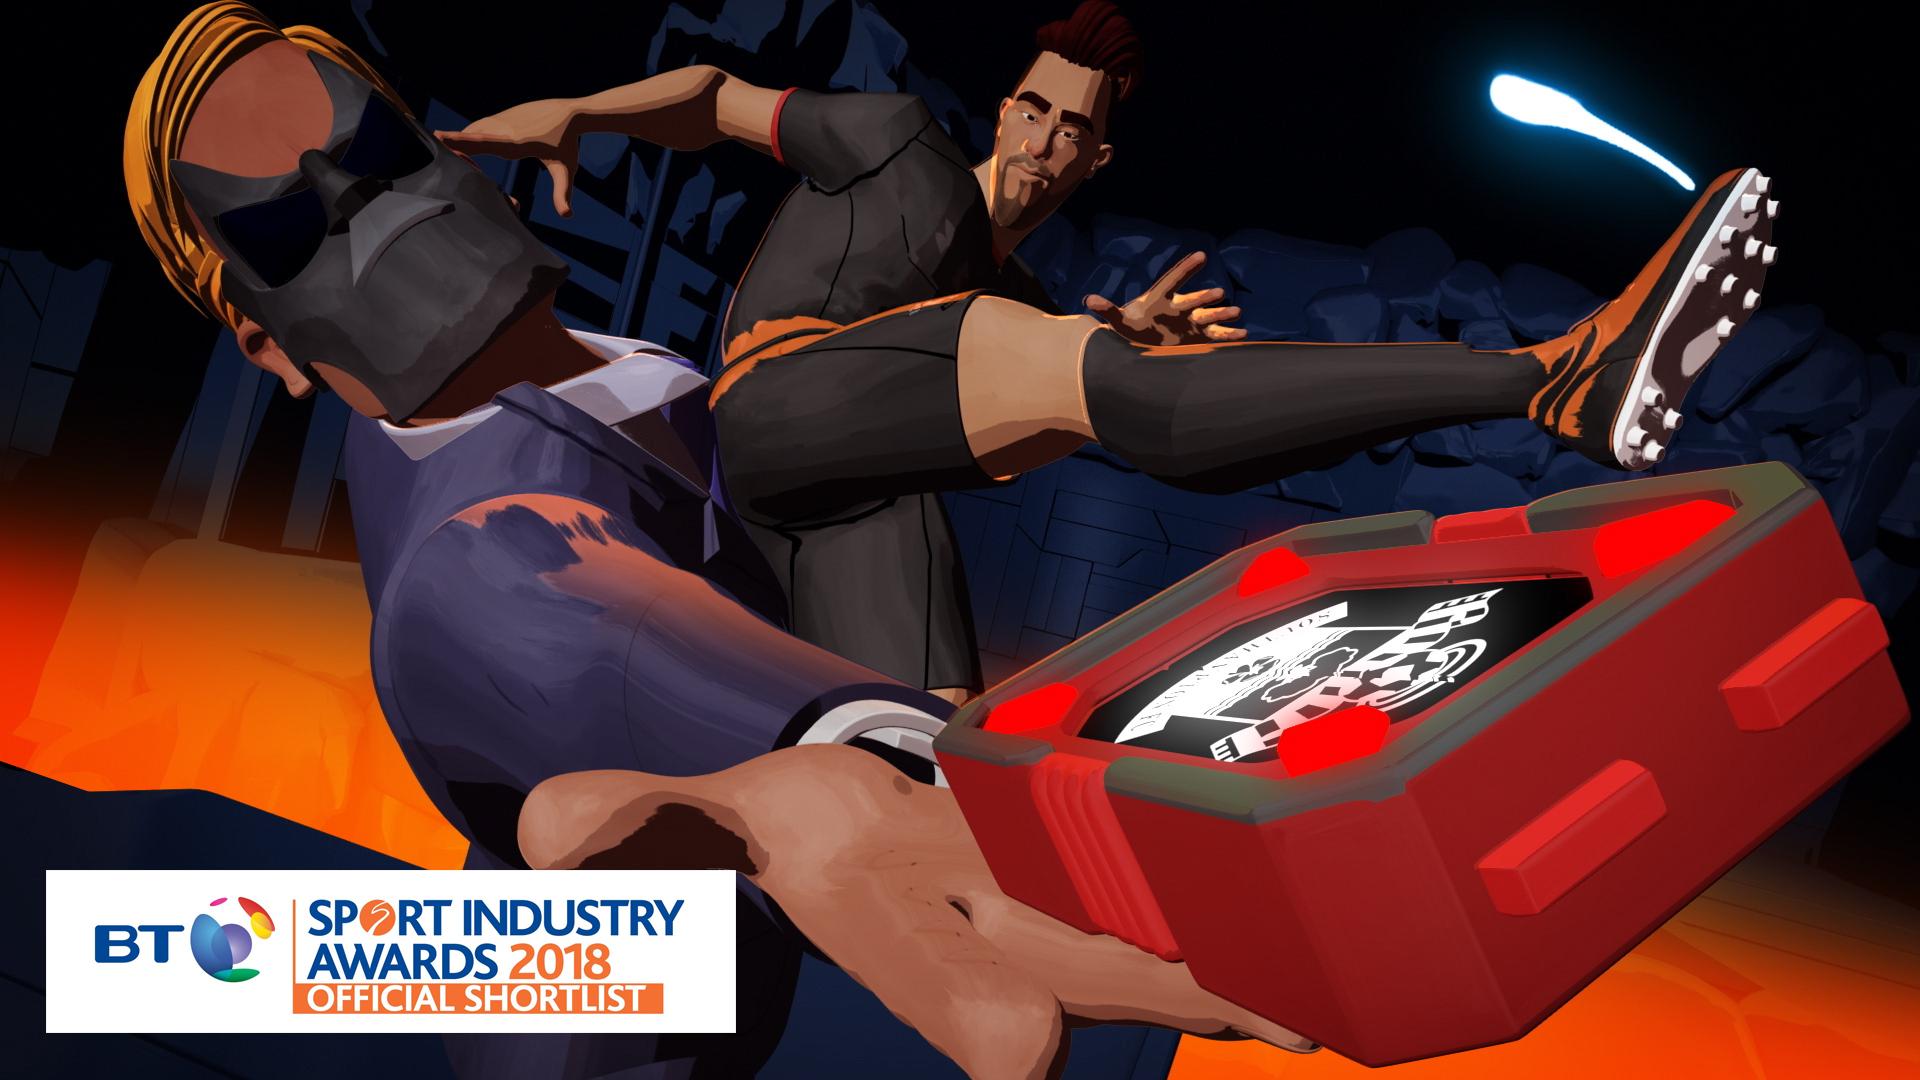 Sport Industry Award